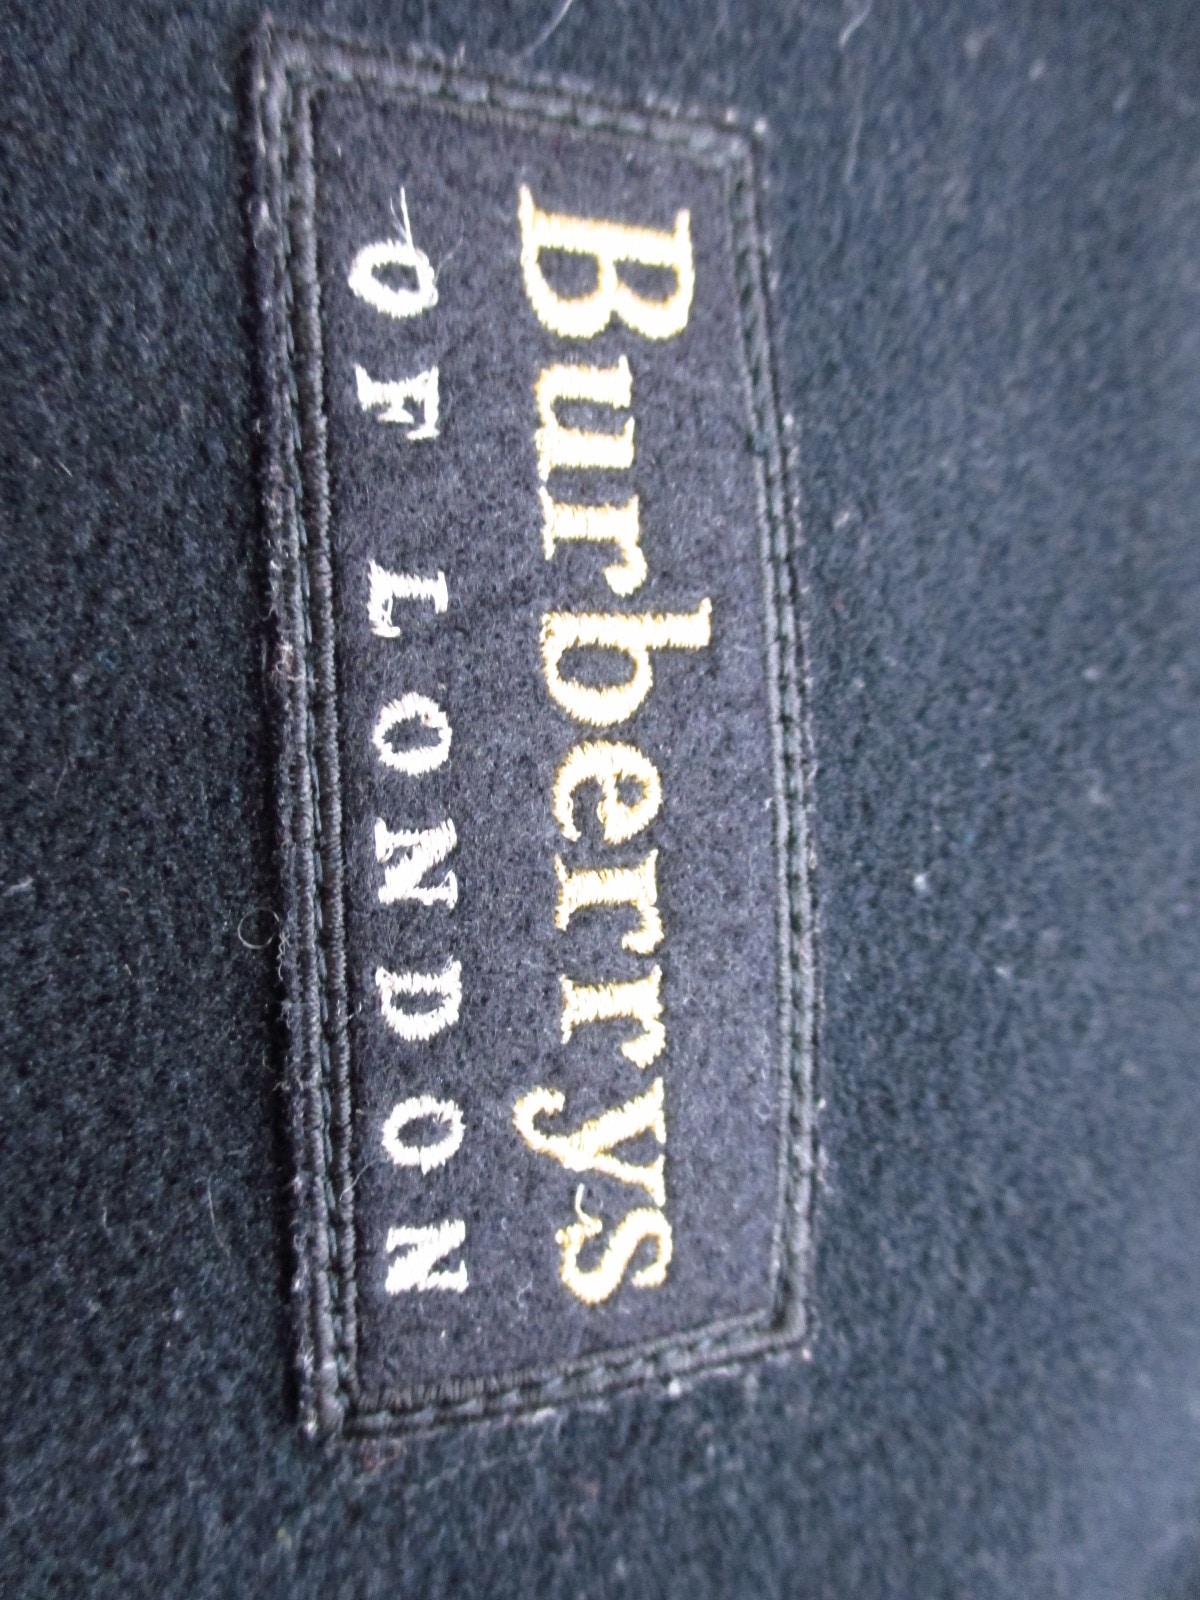 Burberry's(バーバリーズ)のベスト